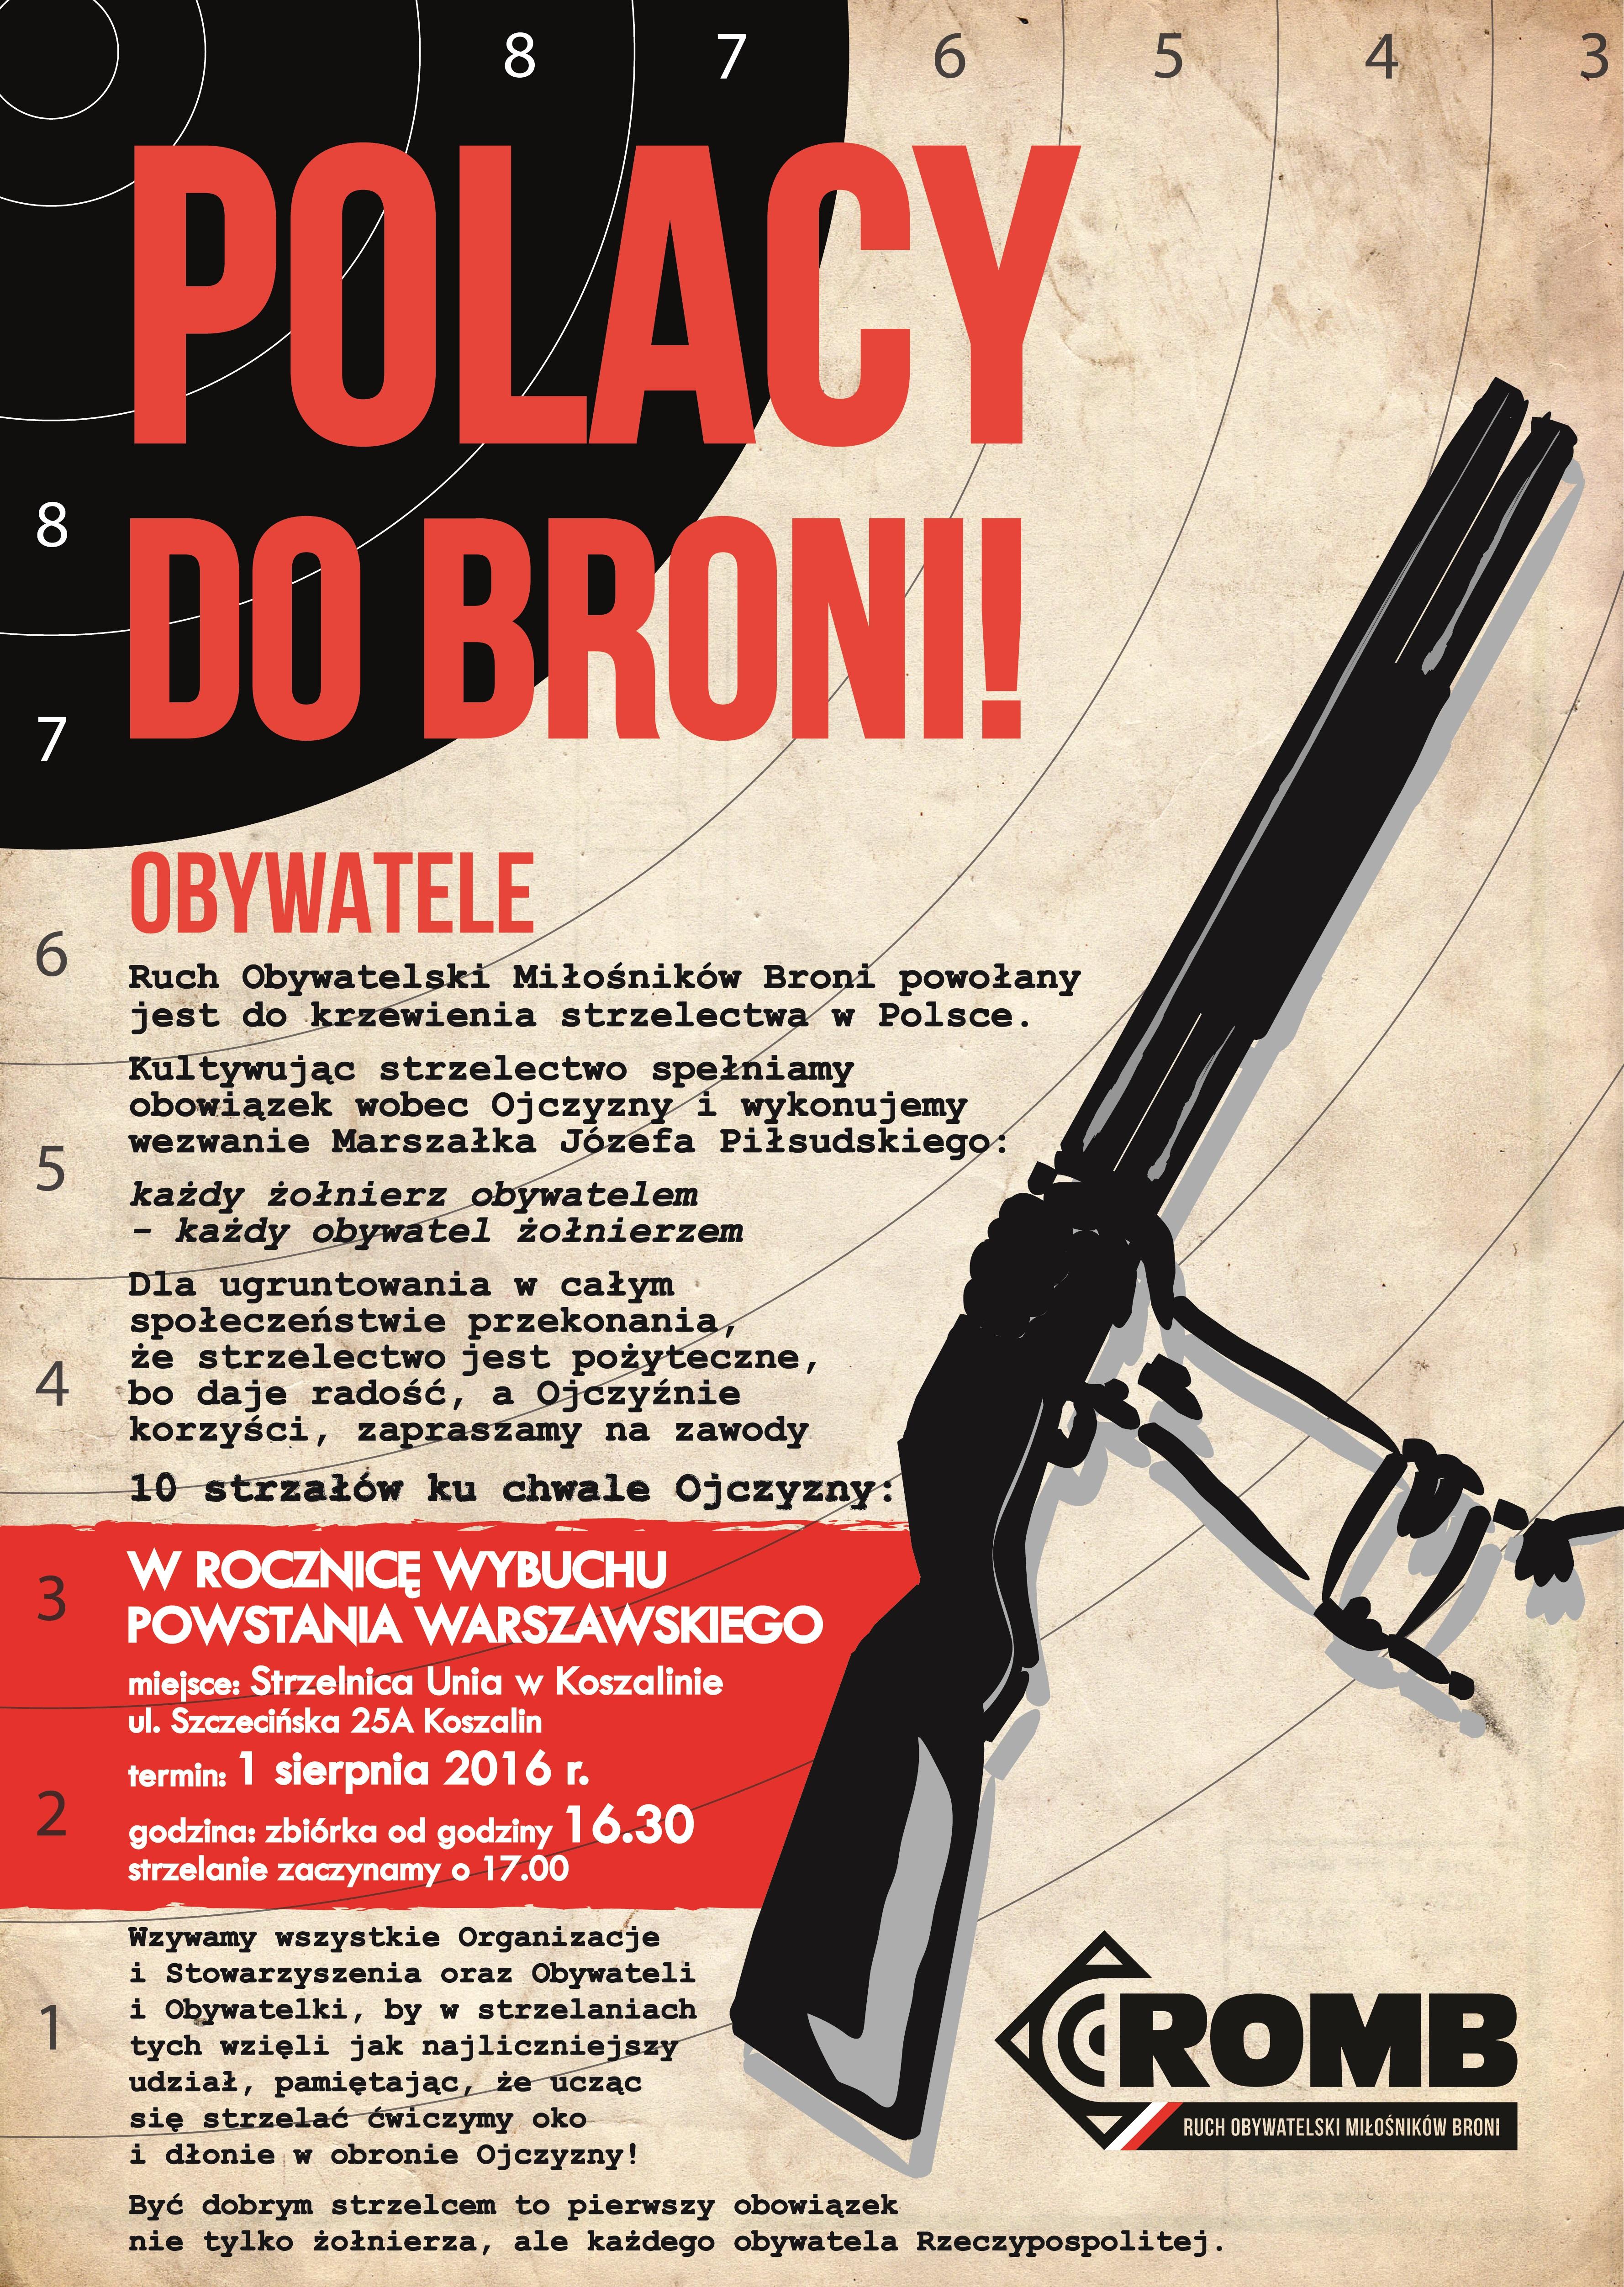 plakatromb-11-05